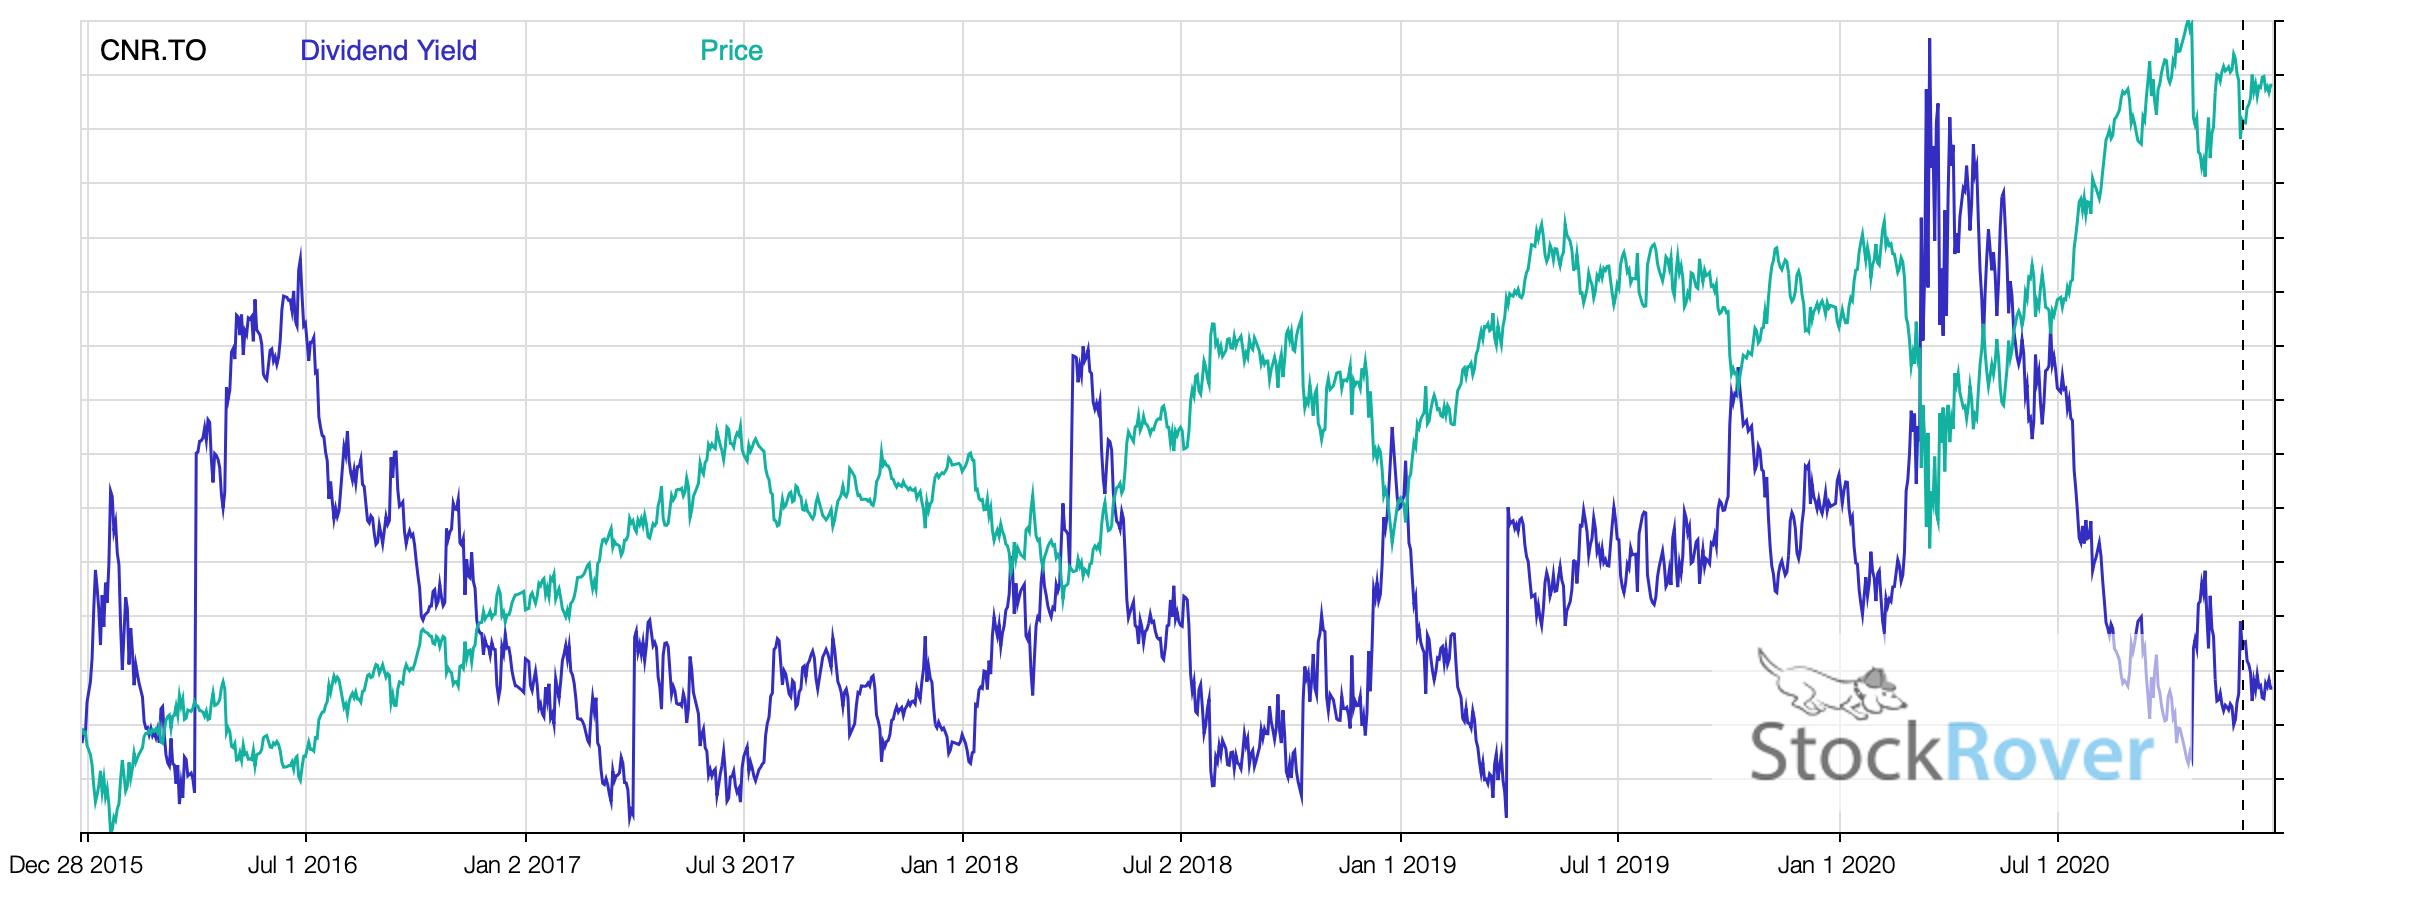 CNR Price vs Yield 2020